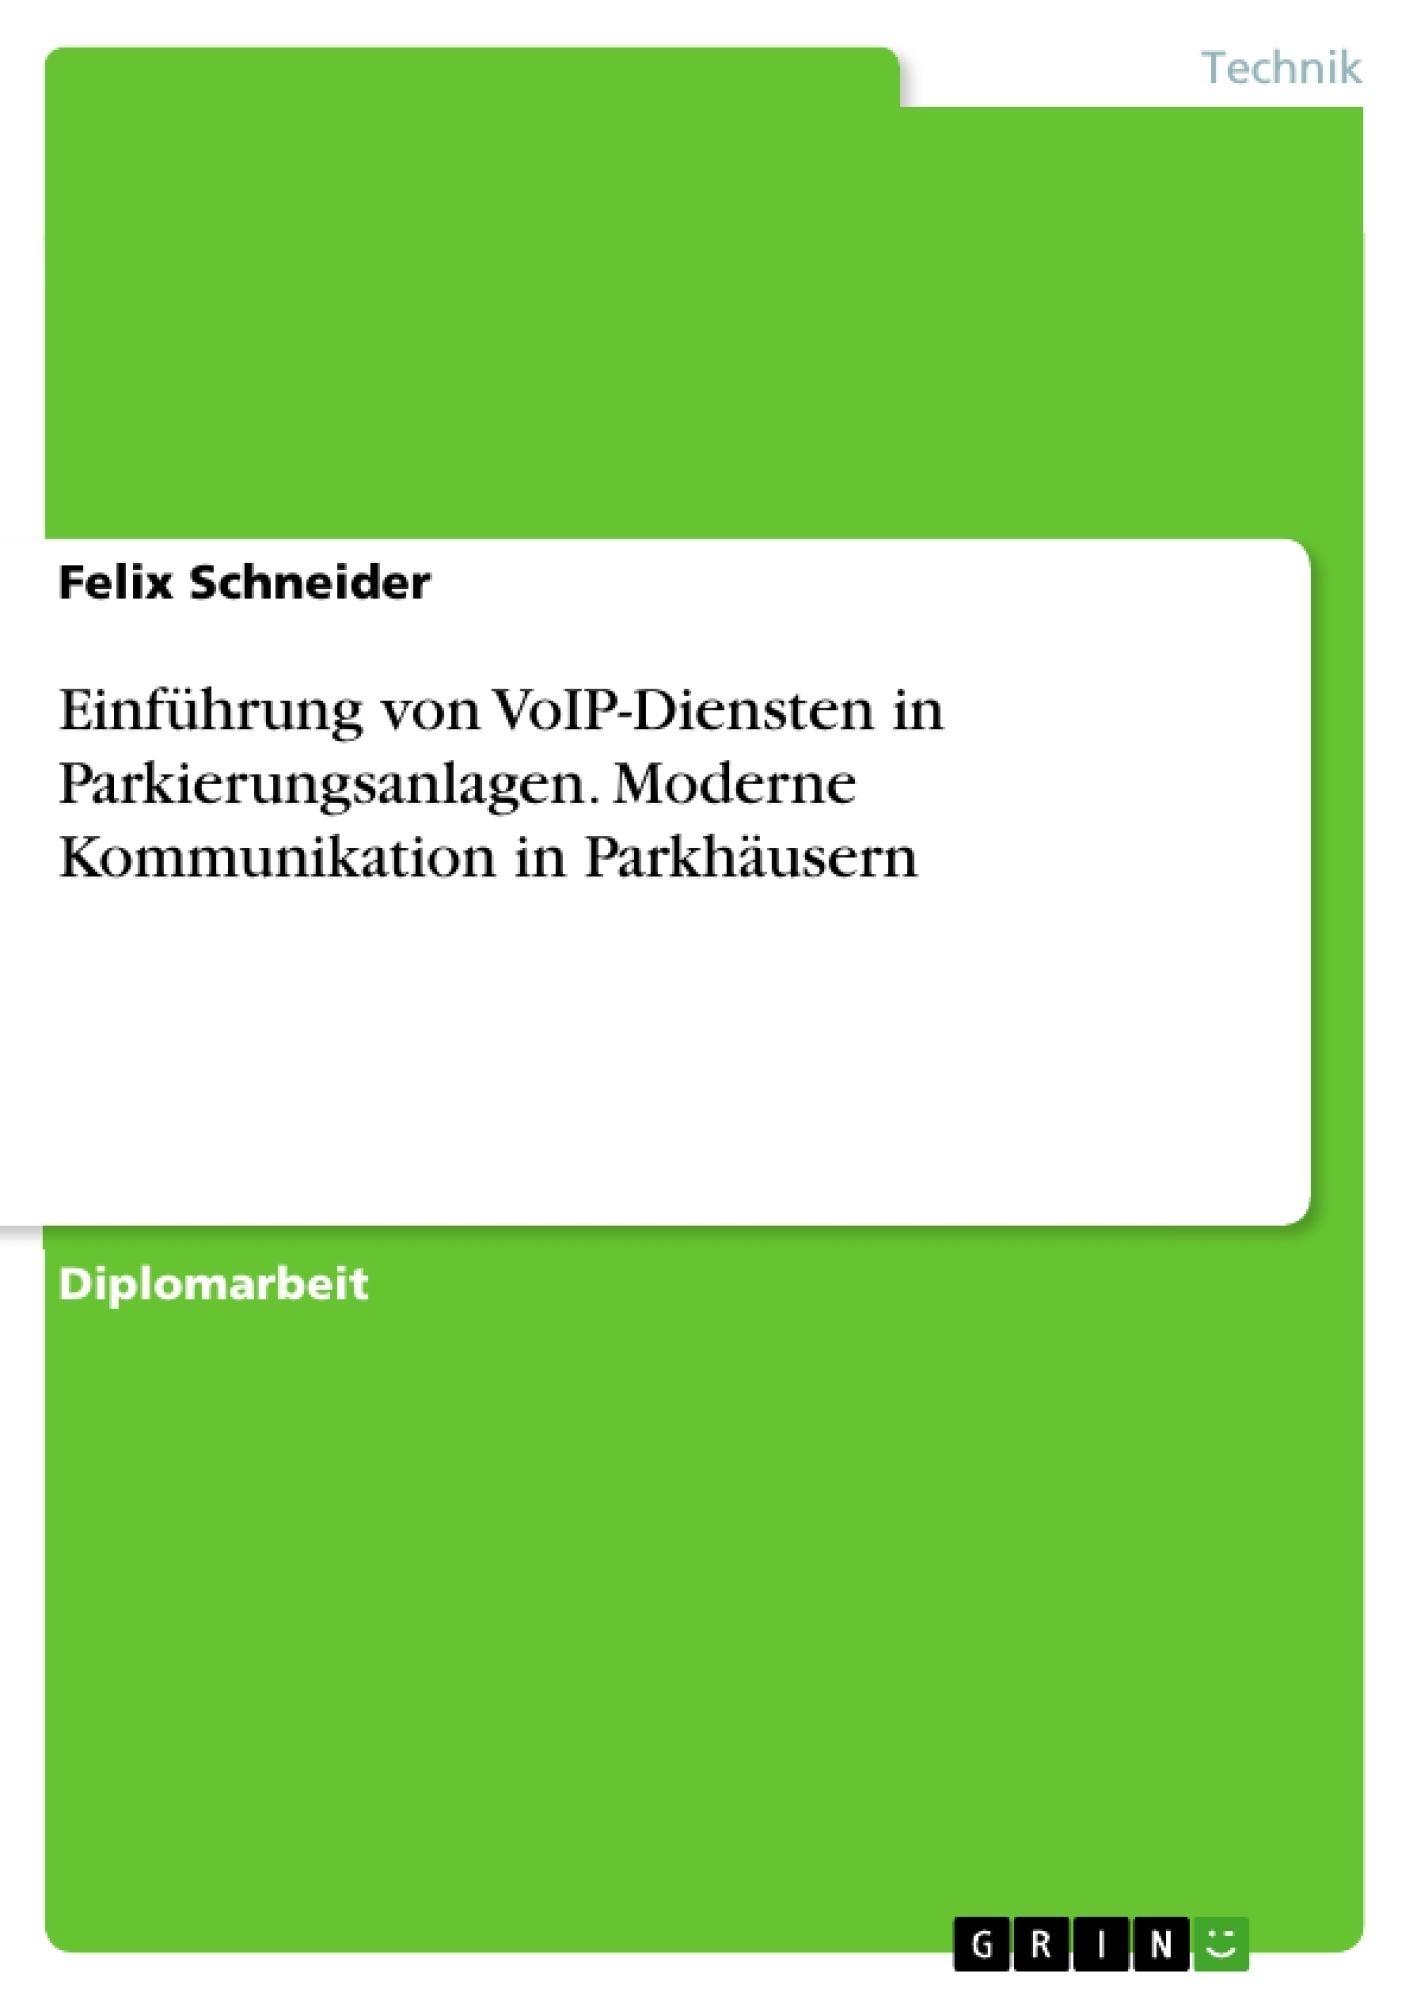 Titel: Einführung von VoIP-Diensten in Parkierungsanlagen. Moderne Kommunikation in Parkhäusern